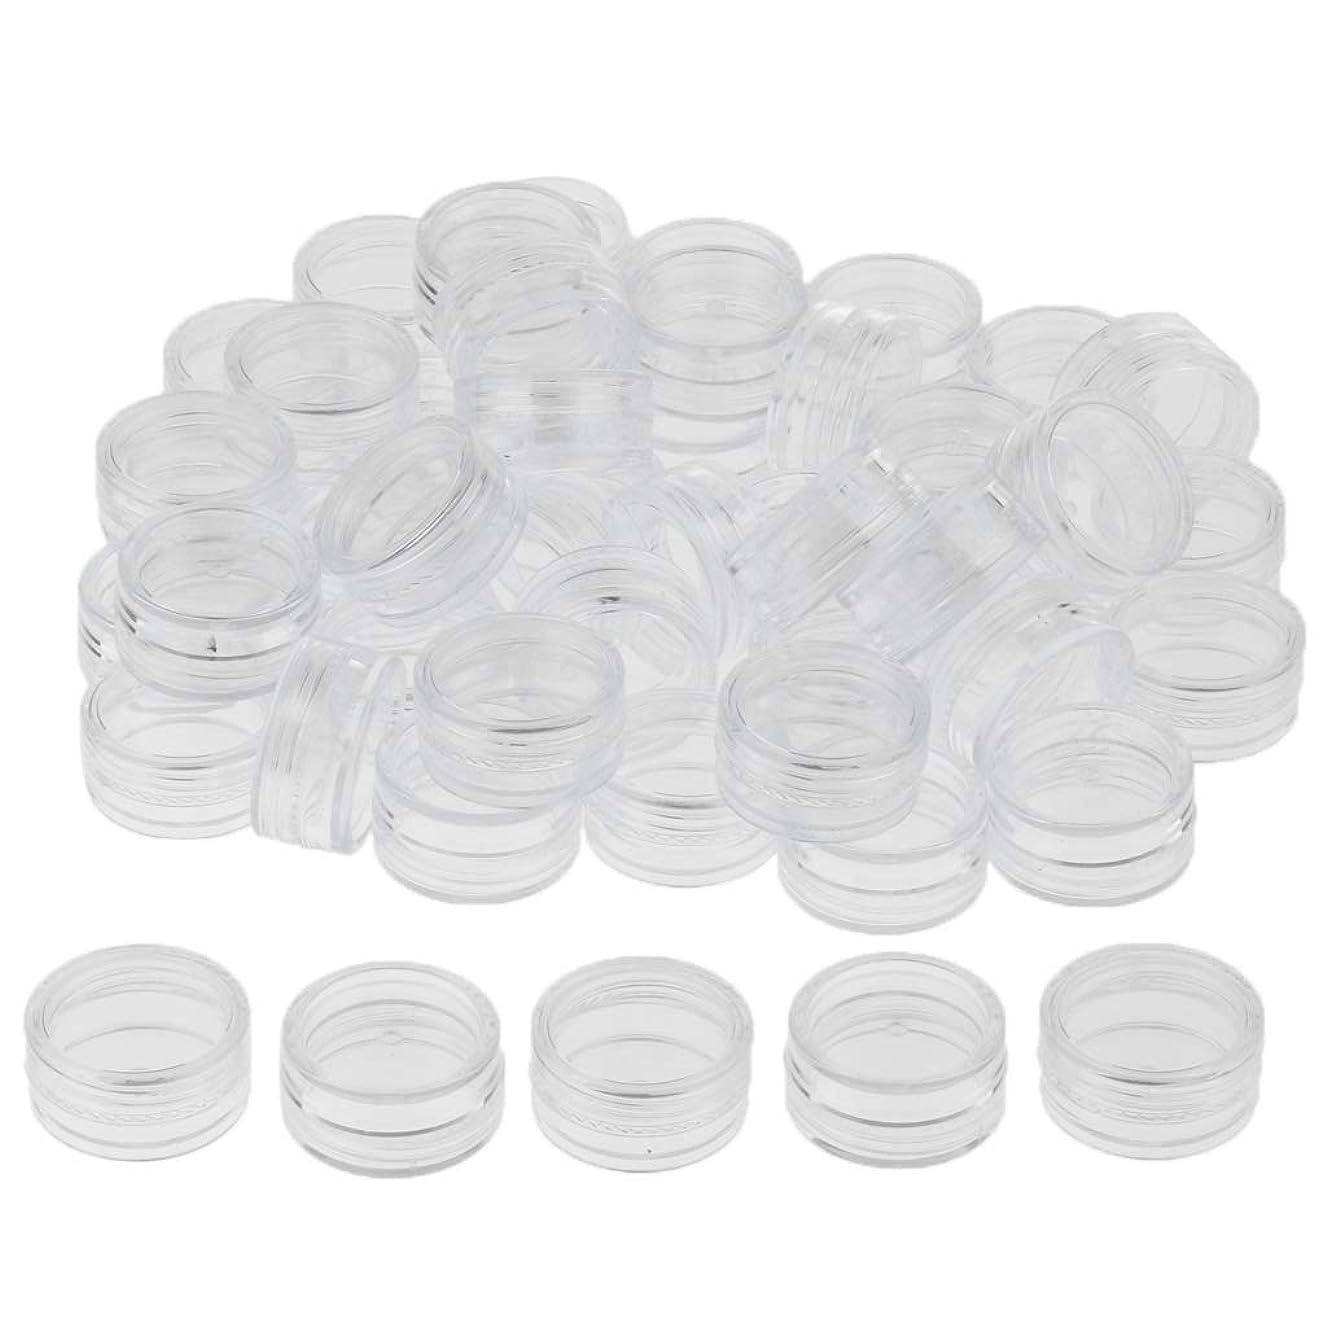 心からつば商標FLAMEER 約50個 化粧ポット ローションジャー クリーム コスメ 空容器 サンプルボトル 3サイズ選べ - 5g